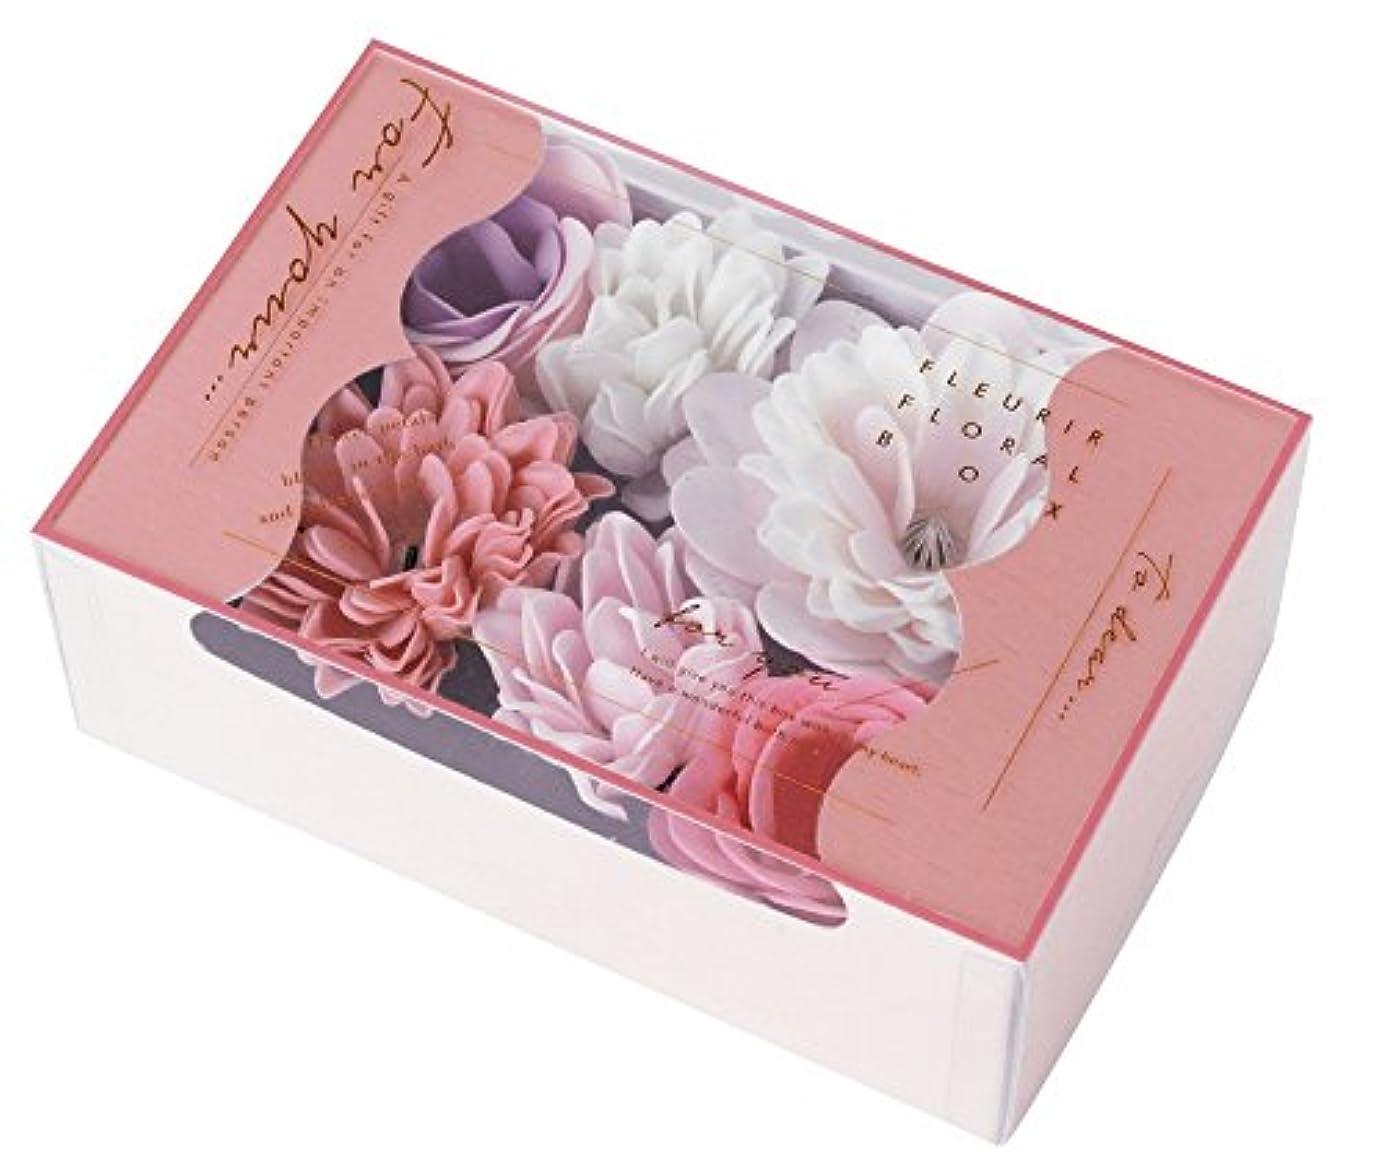 著作権不屈常習的ノルコーポレーション 入浴剤 バスペタル フルリールフローラルボックス 22g フローラルの香り OB-FFL-1-1